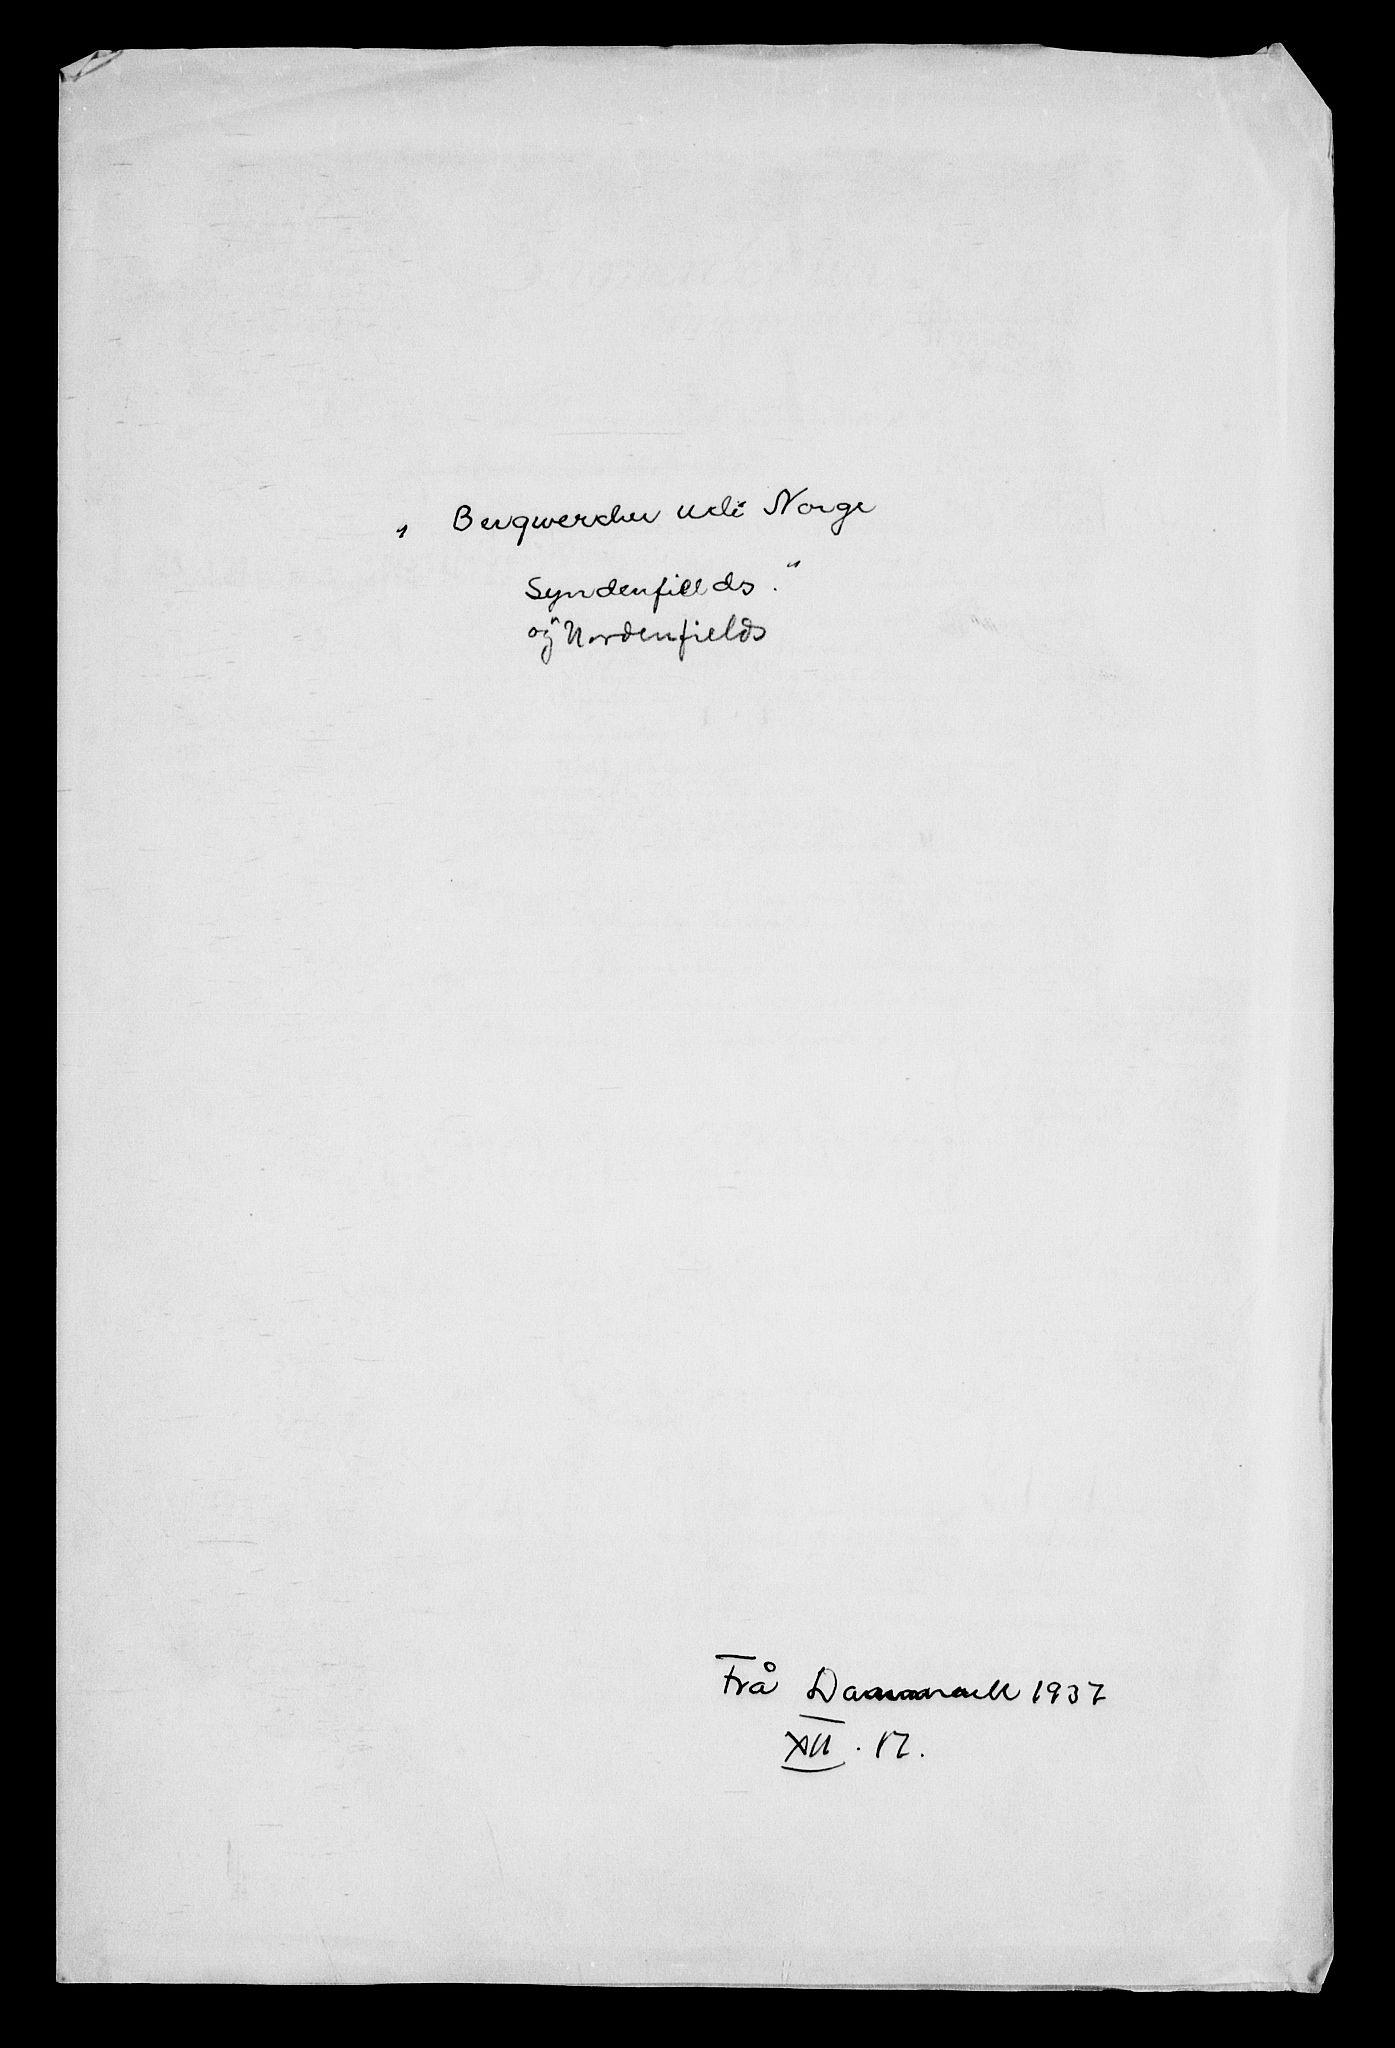 RA, Danske Kanselli, Skapsaker, G/L0019: Tillegg til skapsakene, 1616-1753, p. 154